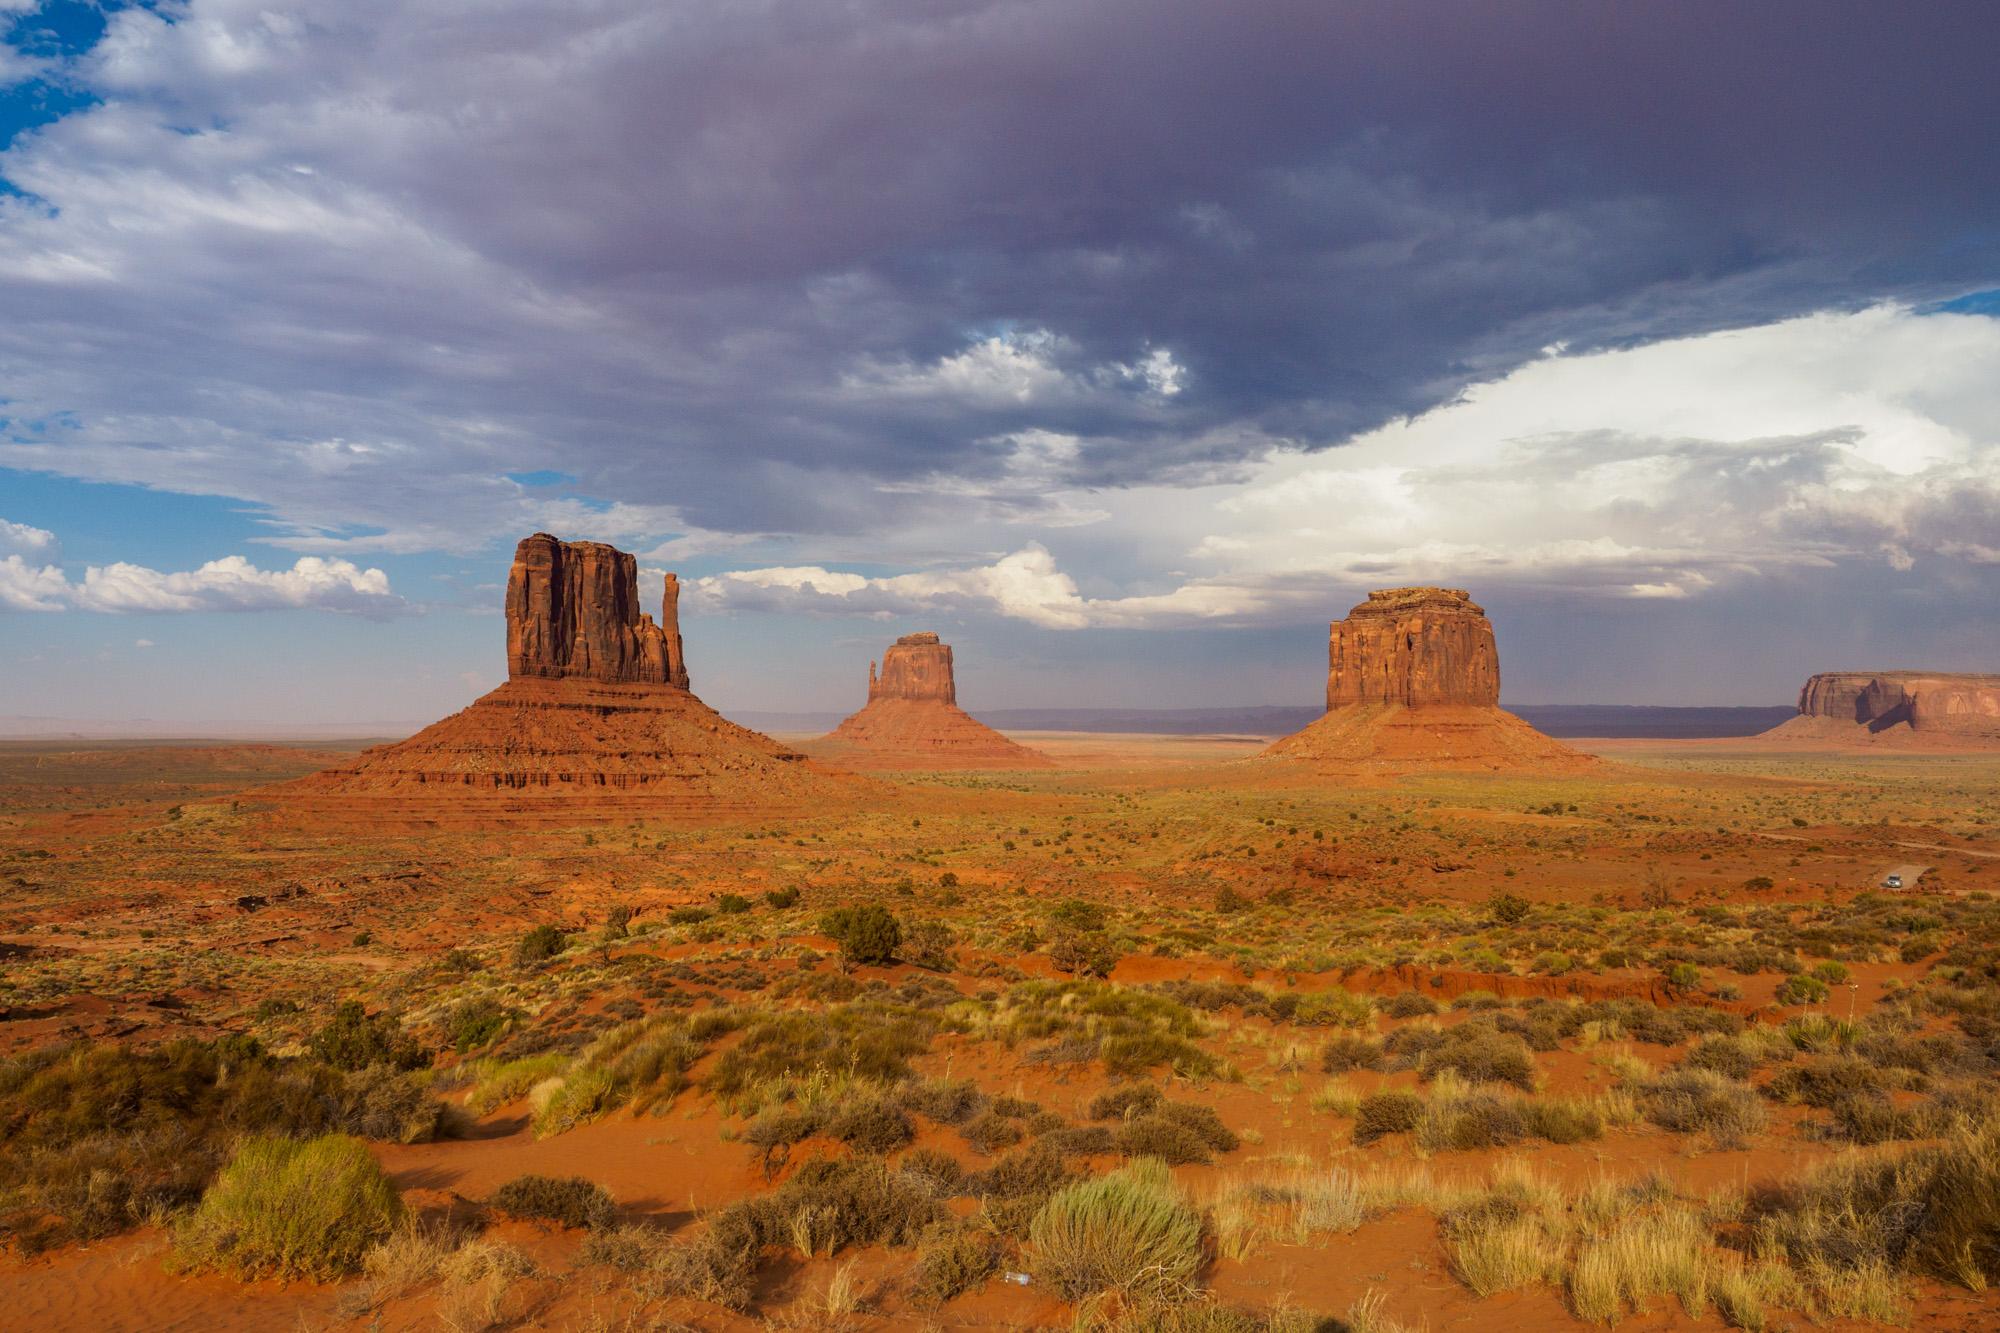 Monument Valley - Die drei berühmten Tafelberge